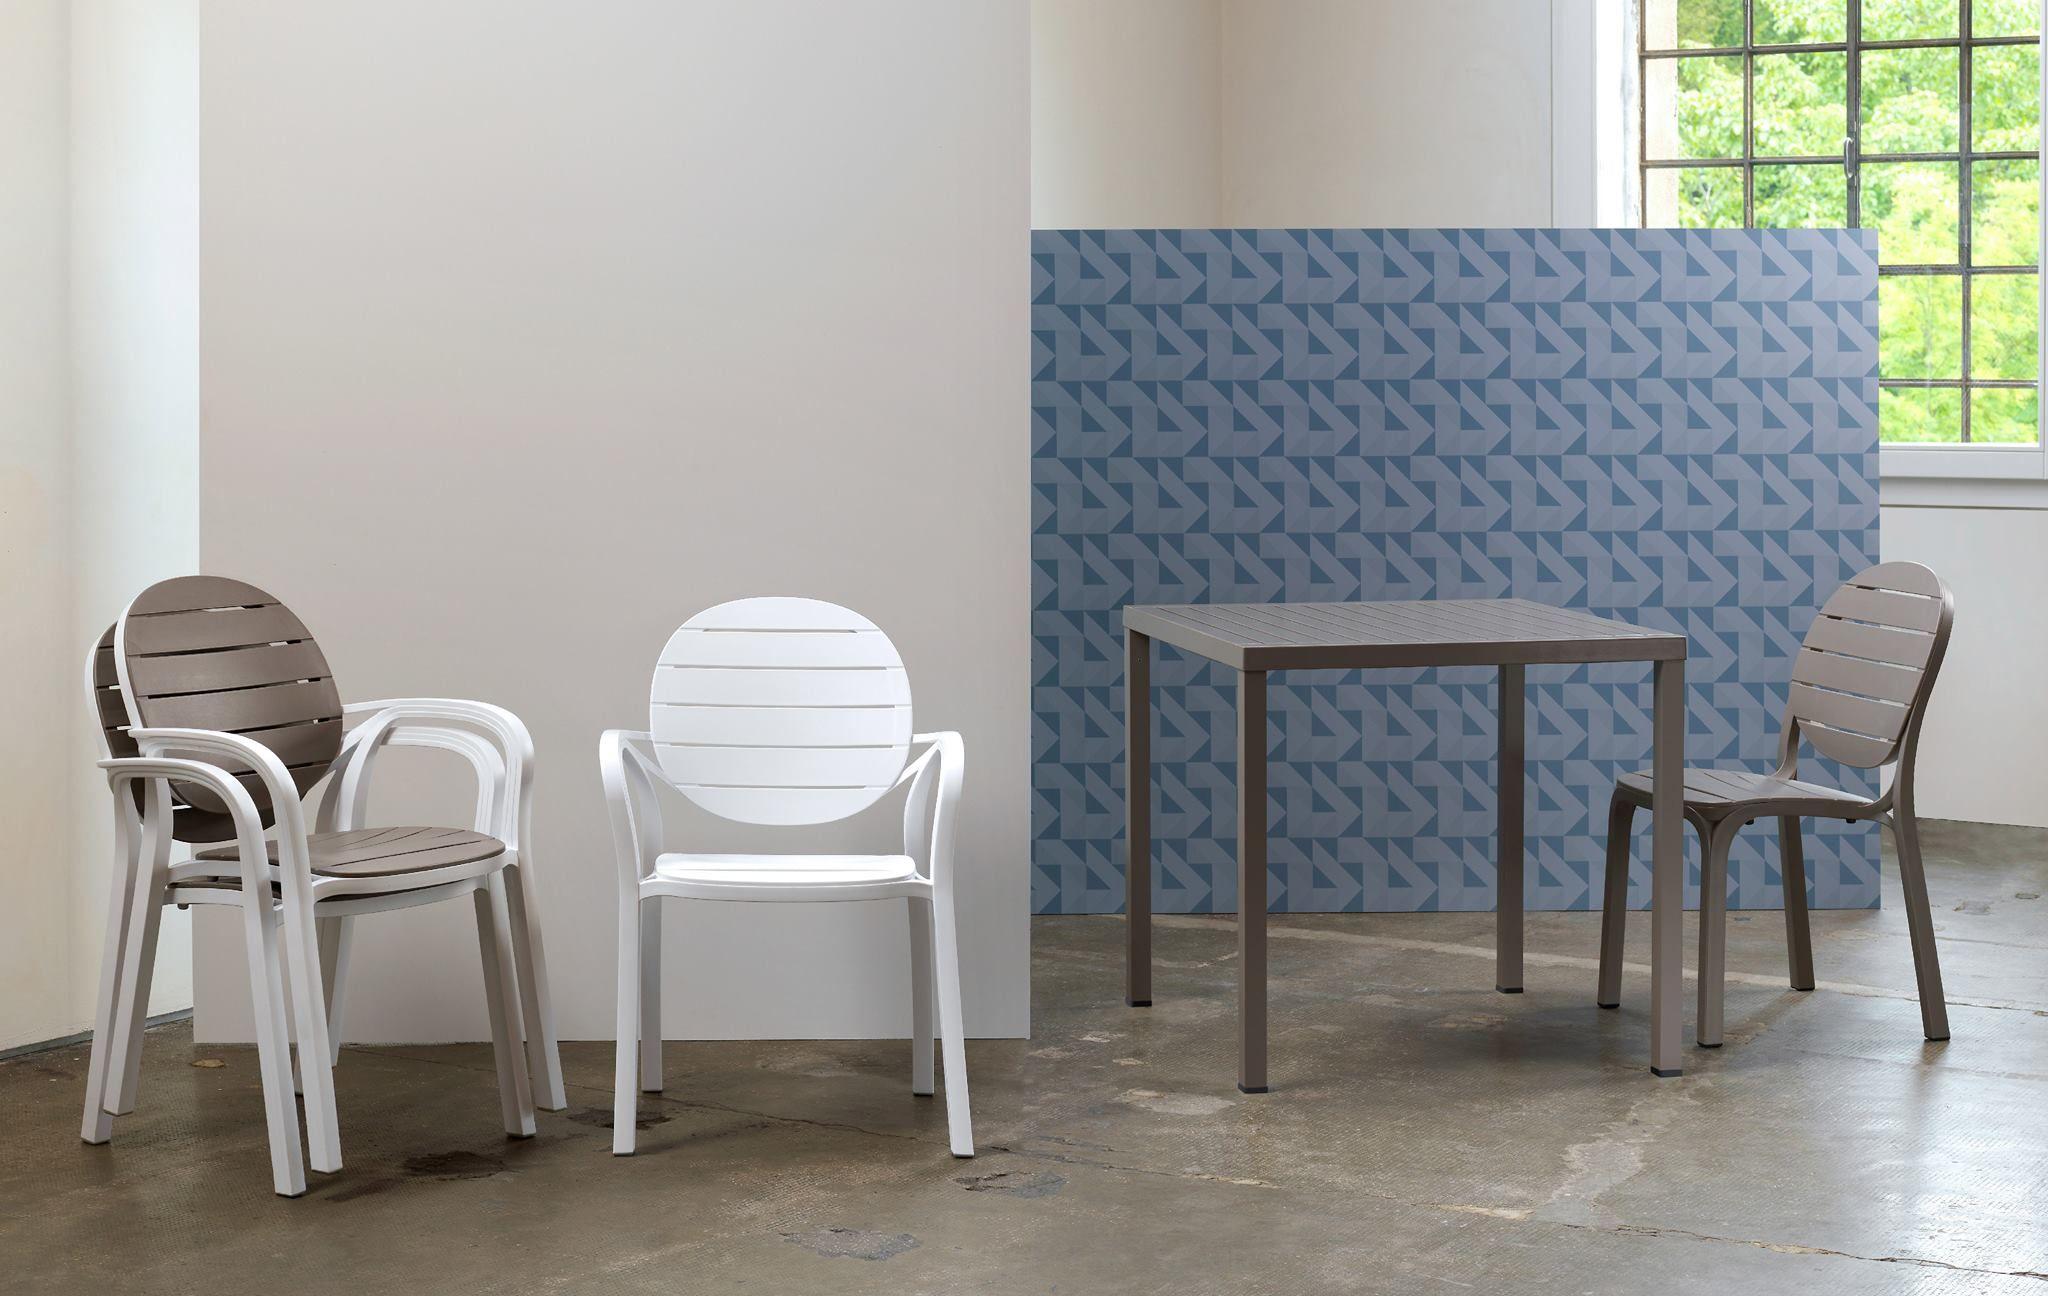 Nardi sedie ~ Sedia nardi elba wicker caffè foto sedie e tavoli da esterno